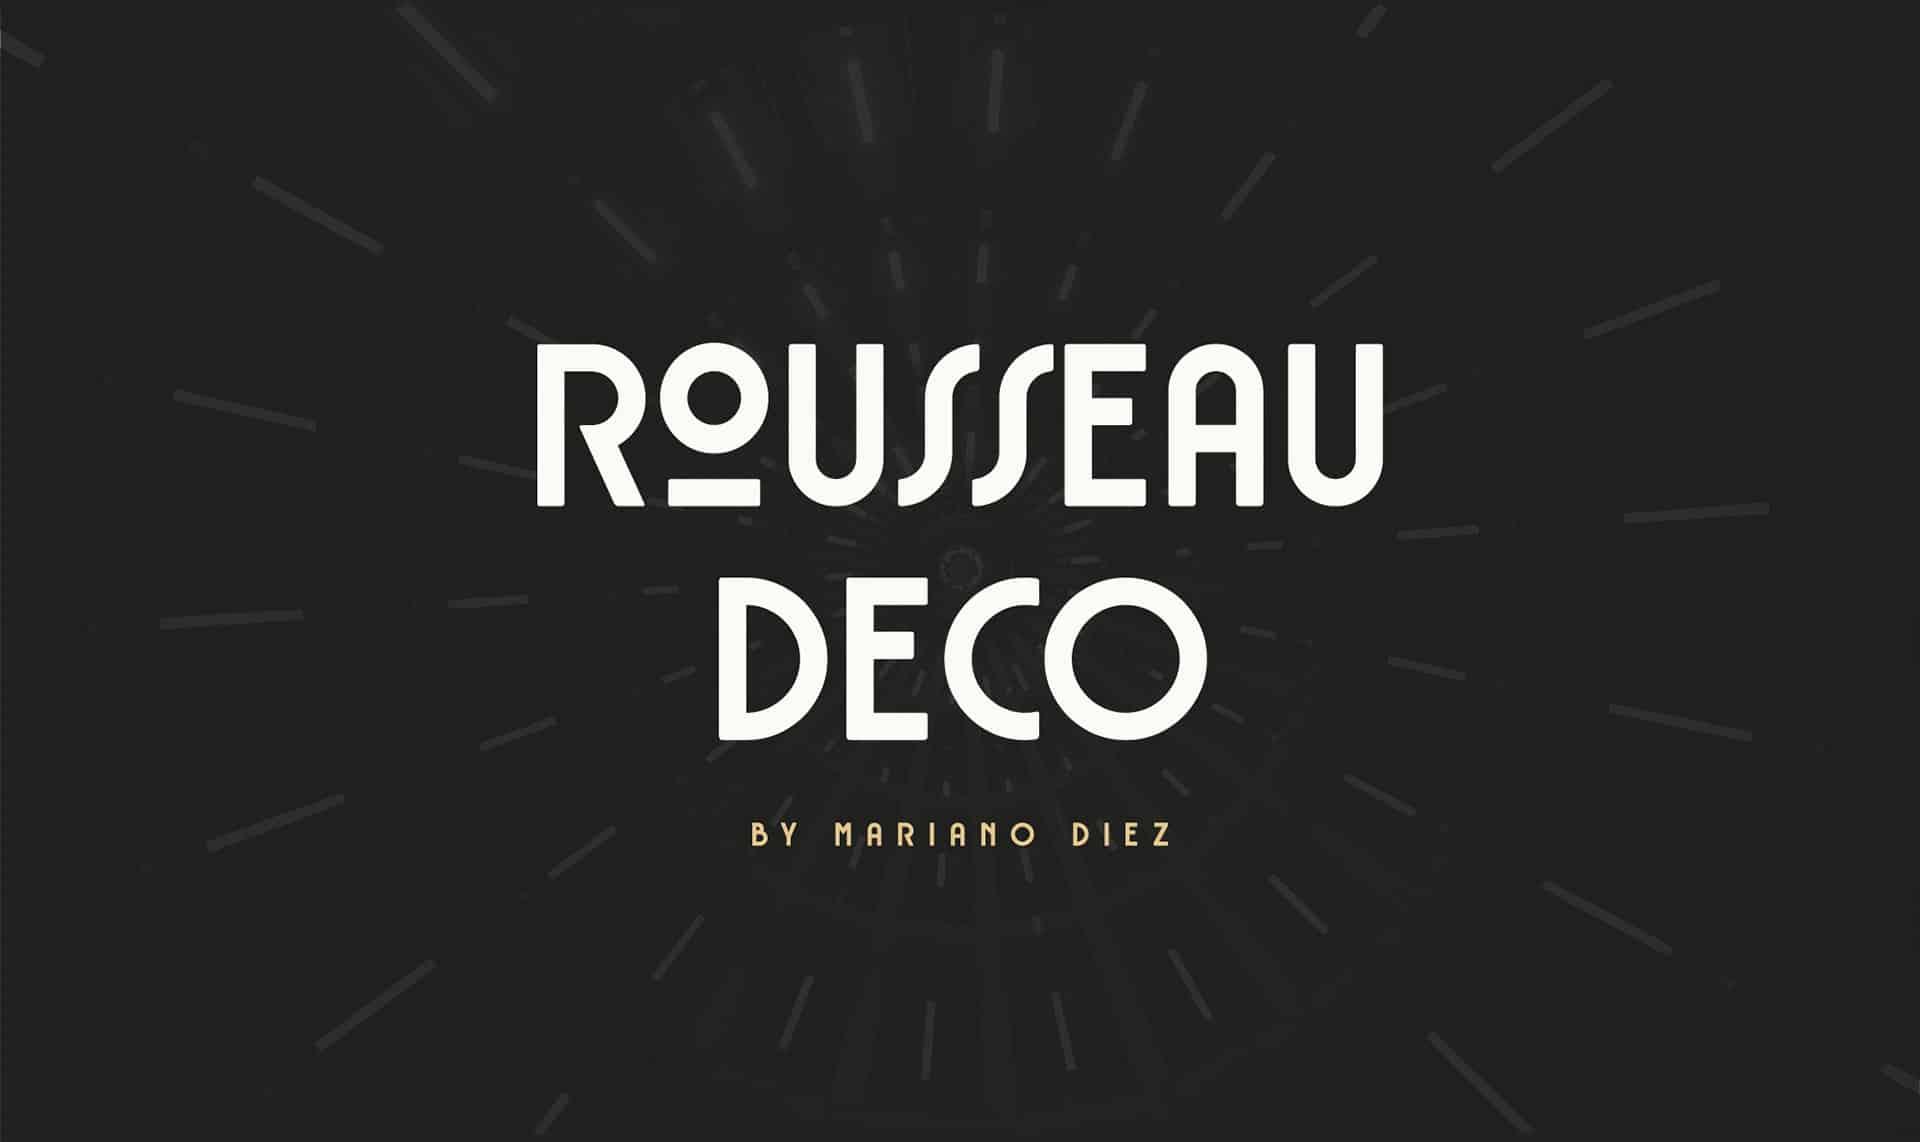 Rousseau Deco шрифт скачать бесплатно